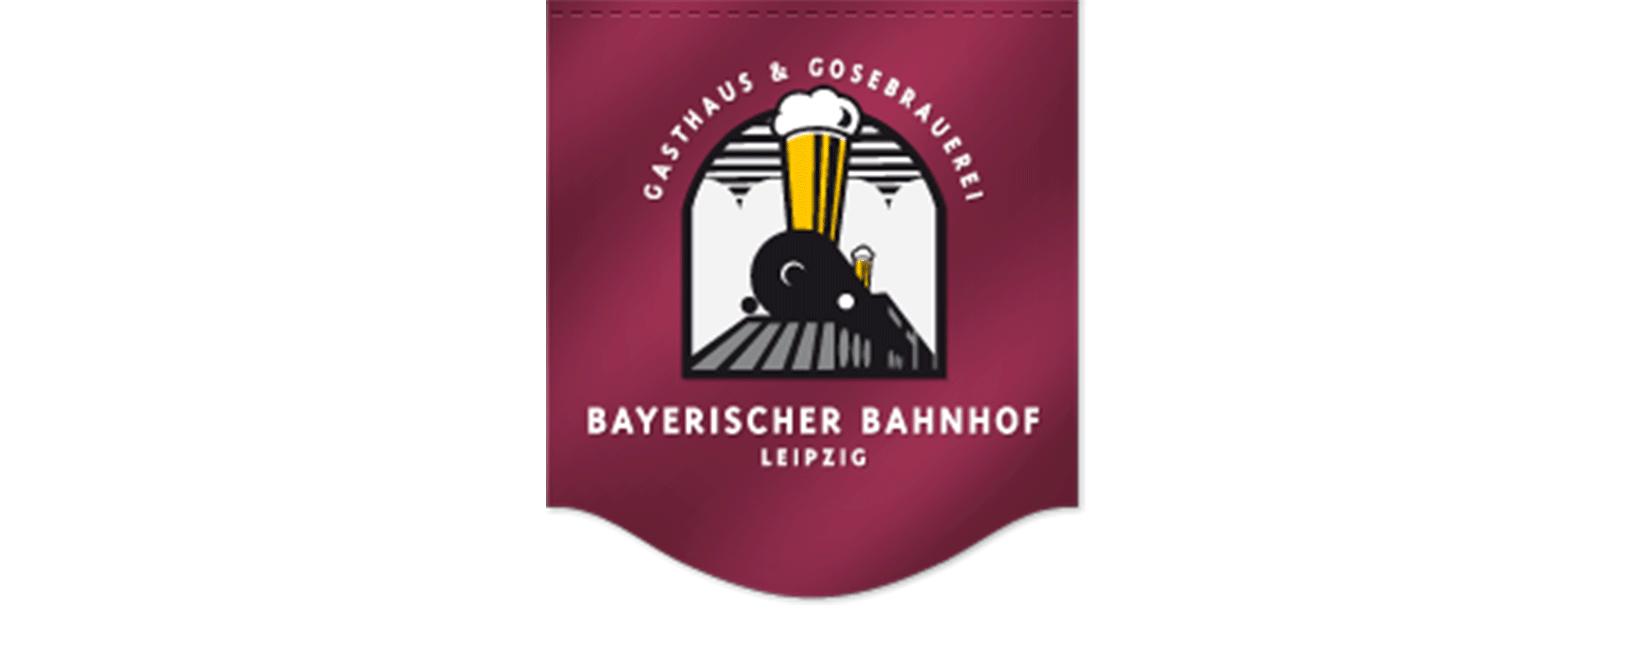 Gaststätte und Restaurant Bayerischer Bahnhof